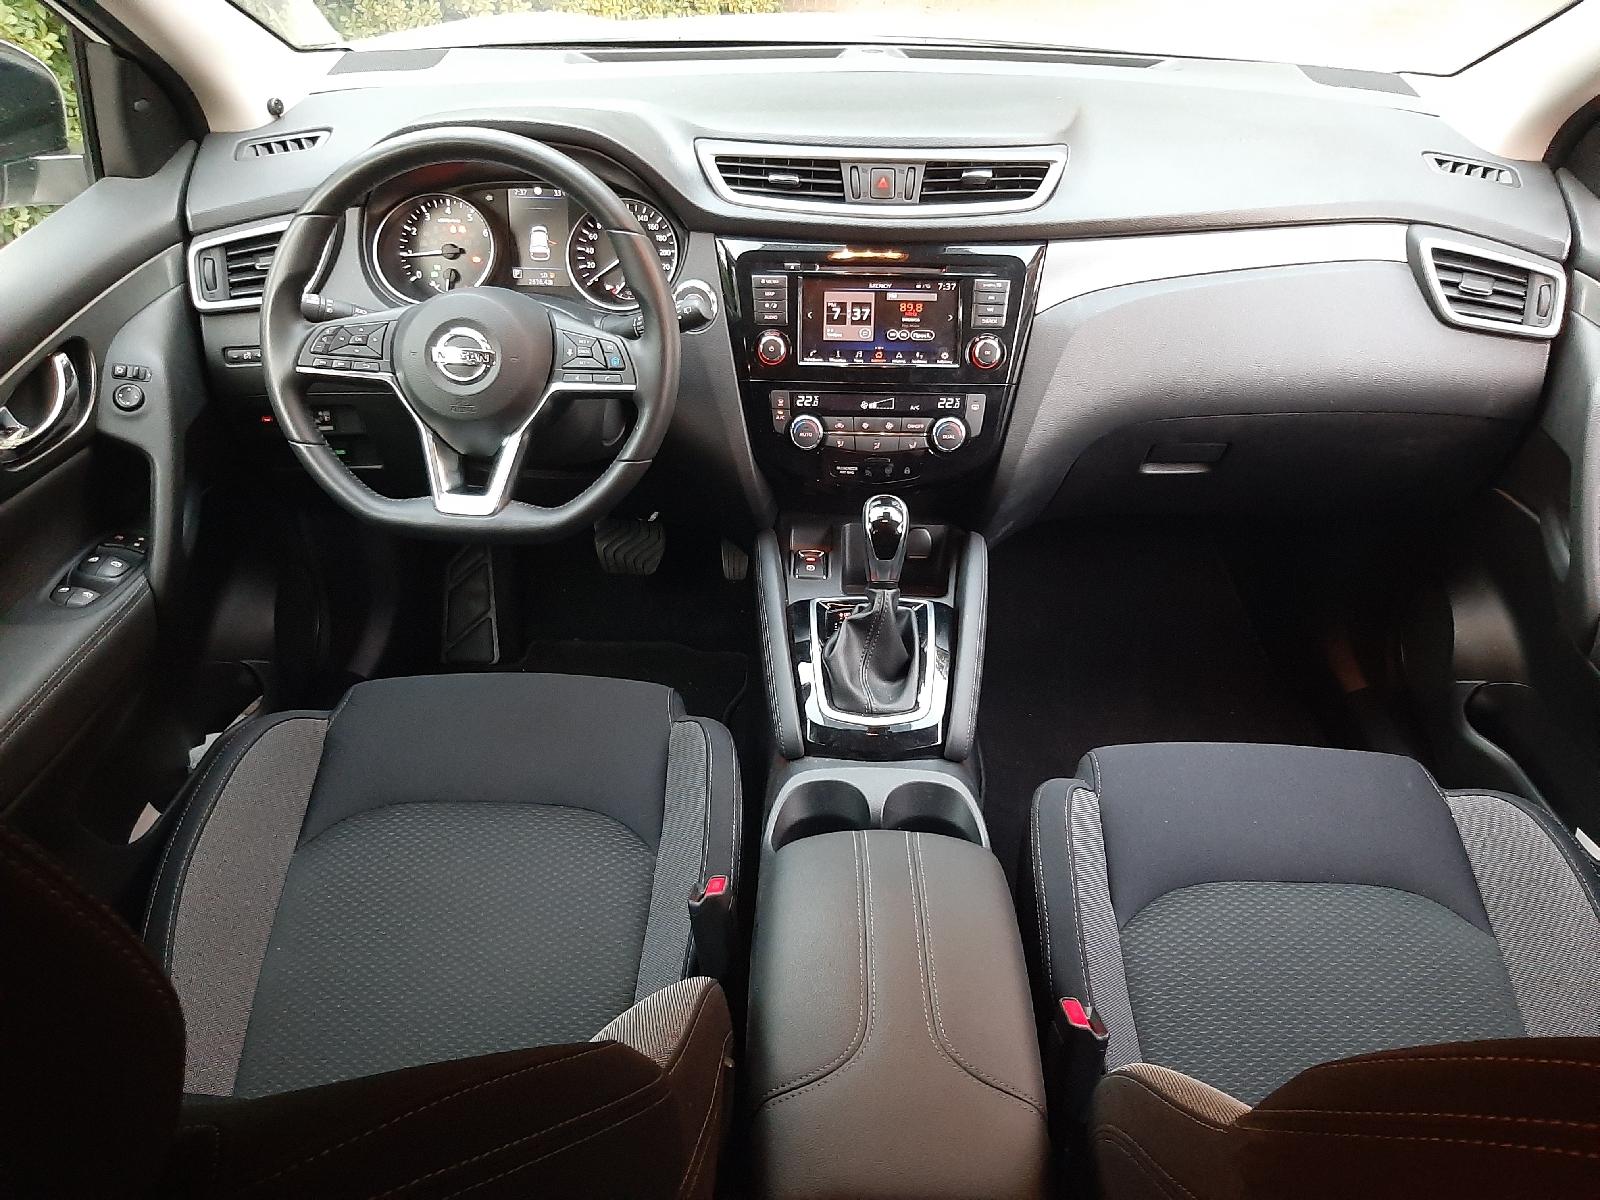 1605382163261349 7 Οδηγούμε το Nissan Qashqai 1,3 DIG-T 160 PS με το 7άρι DCT Nissan, Nissan Qashqai, TEST, ΔΟΚΙΜΕΣ, οδηγούμε